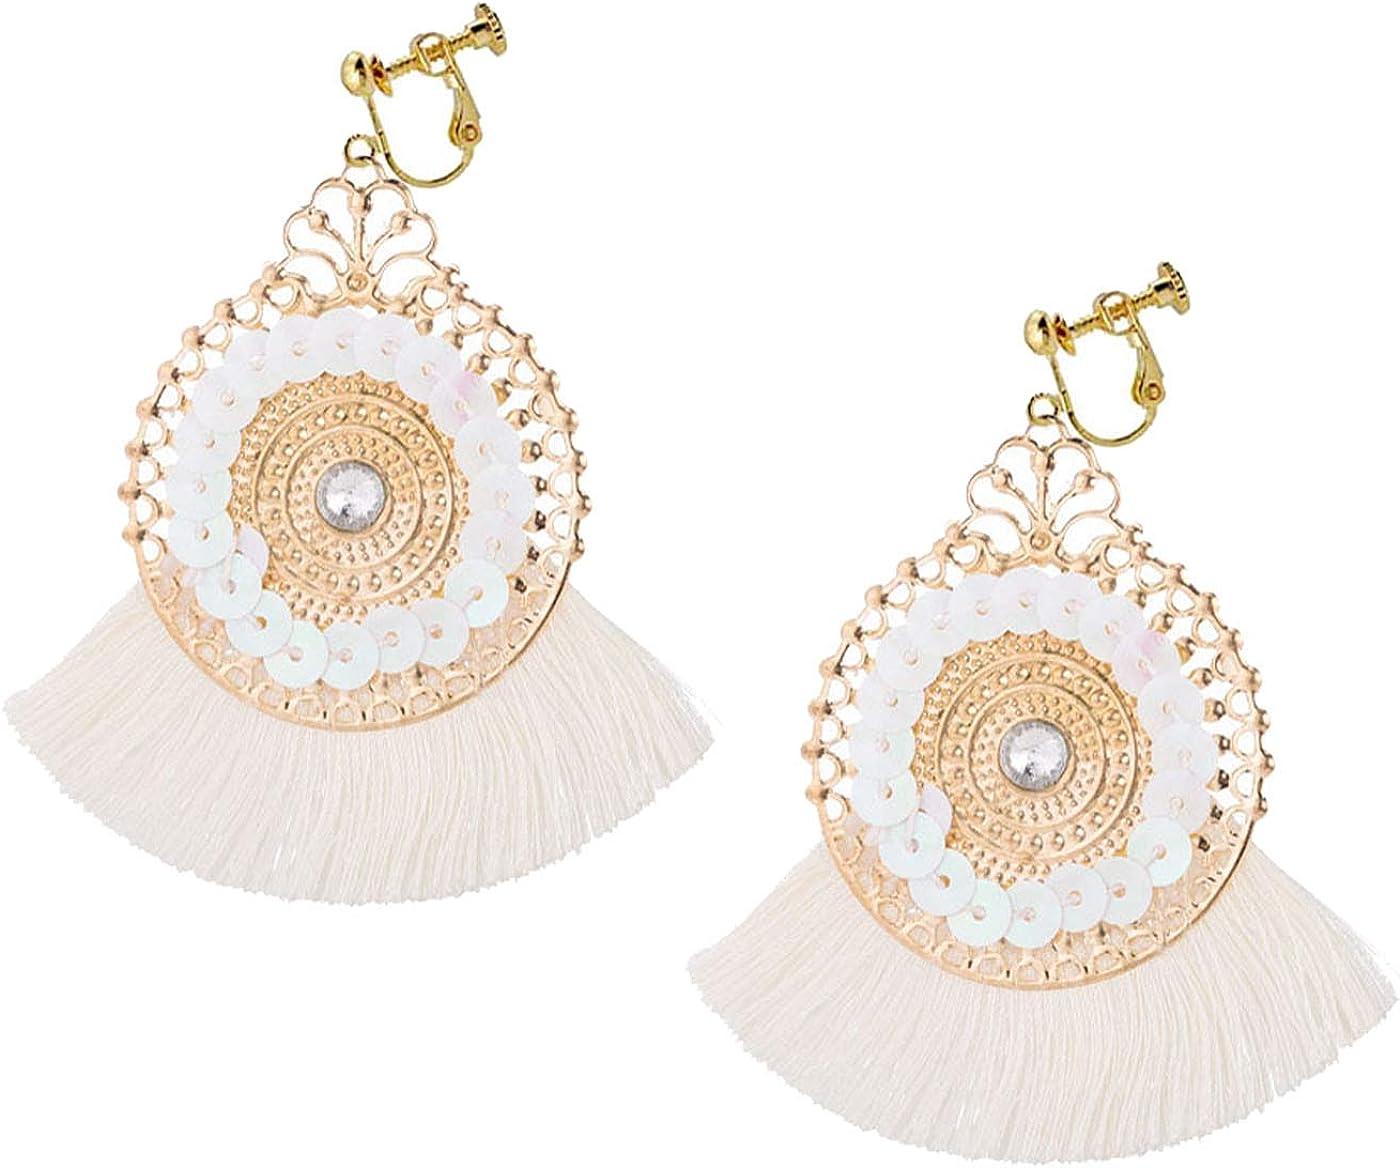 Retro Clip on Bohemian Earrings for Women Girl Gold Plated Disc Dangle Fan Drop Silk Thread Tassel Boho